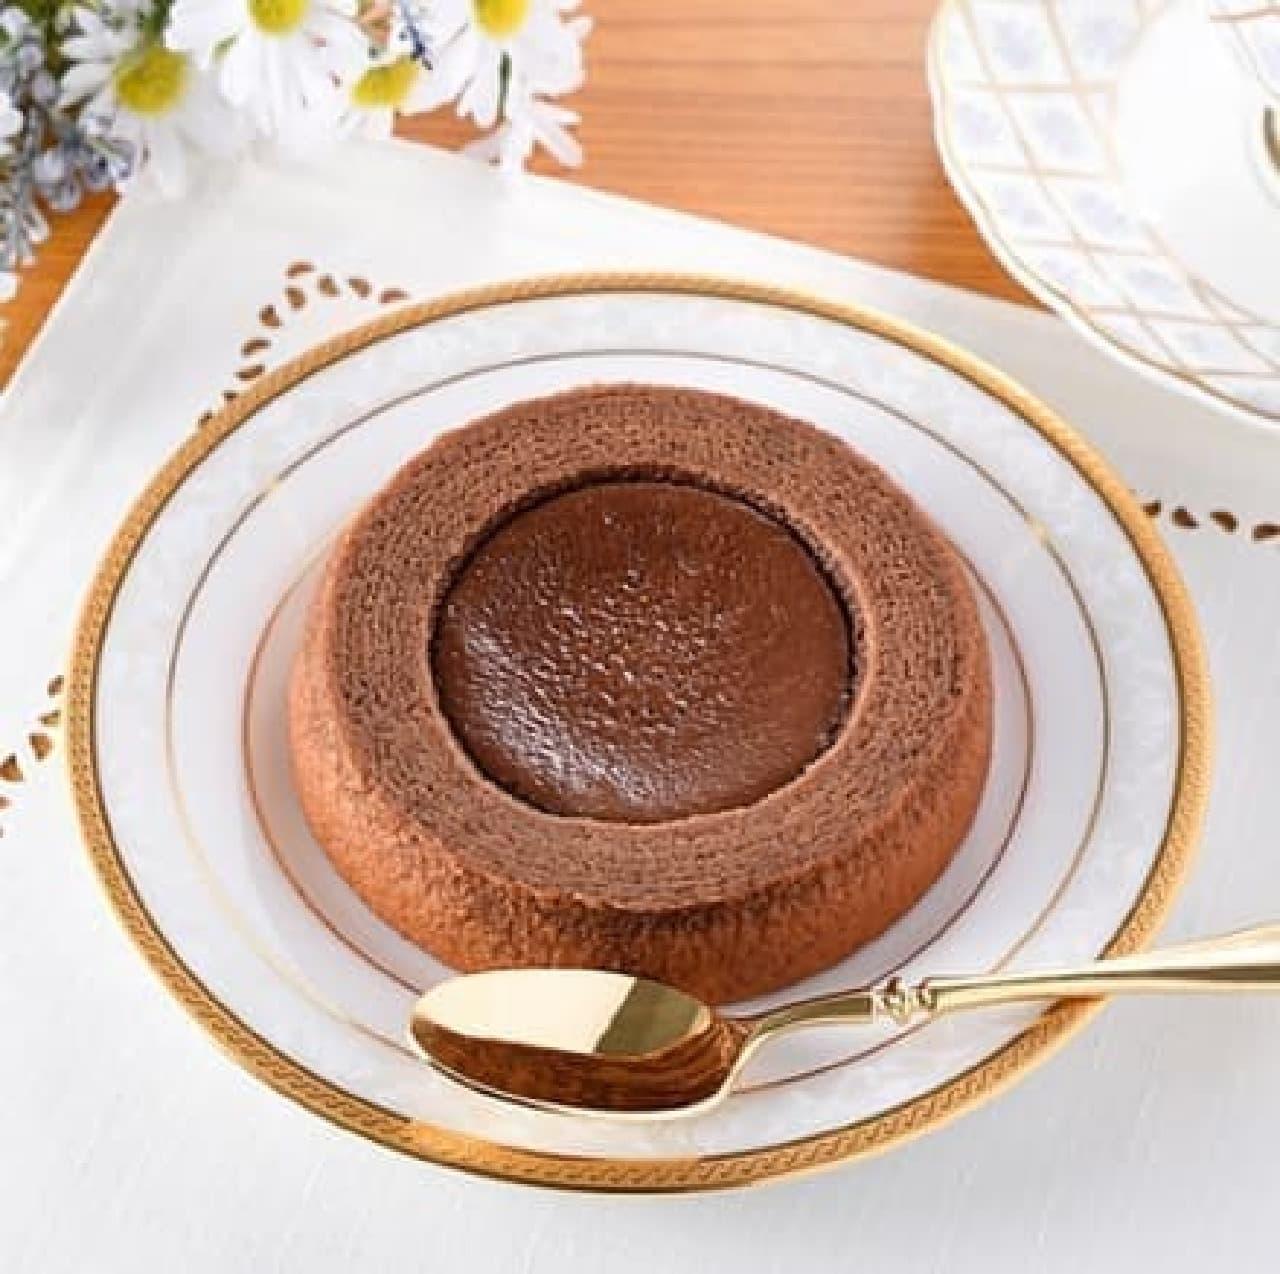 ファミリーマート「生チョコを使ったチョコケーキのバウム」